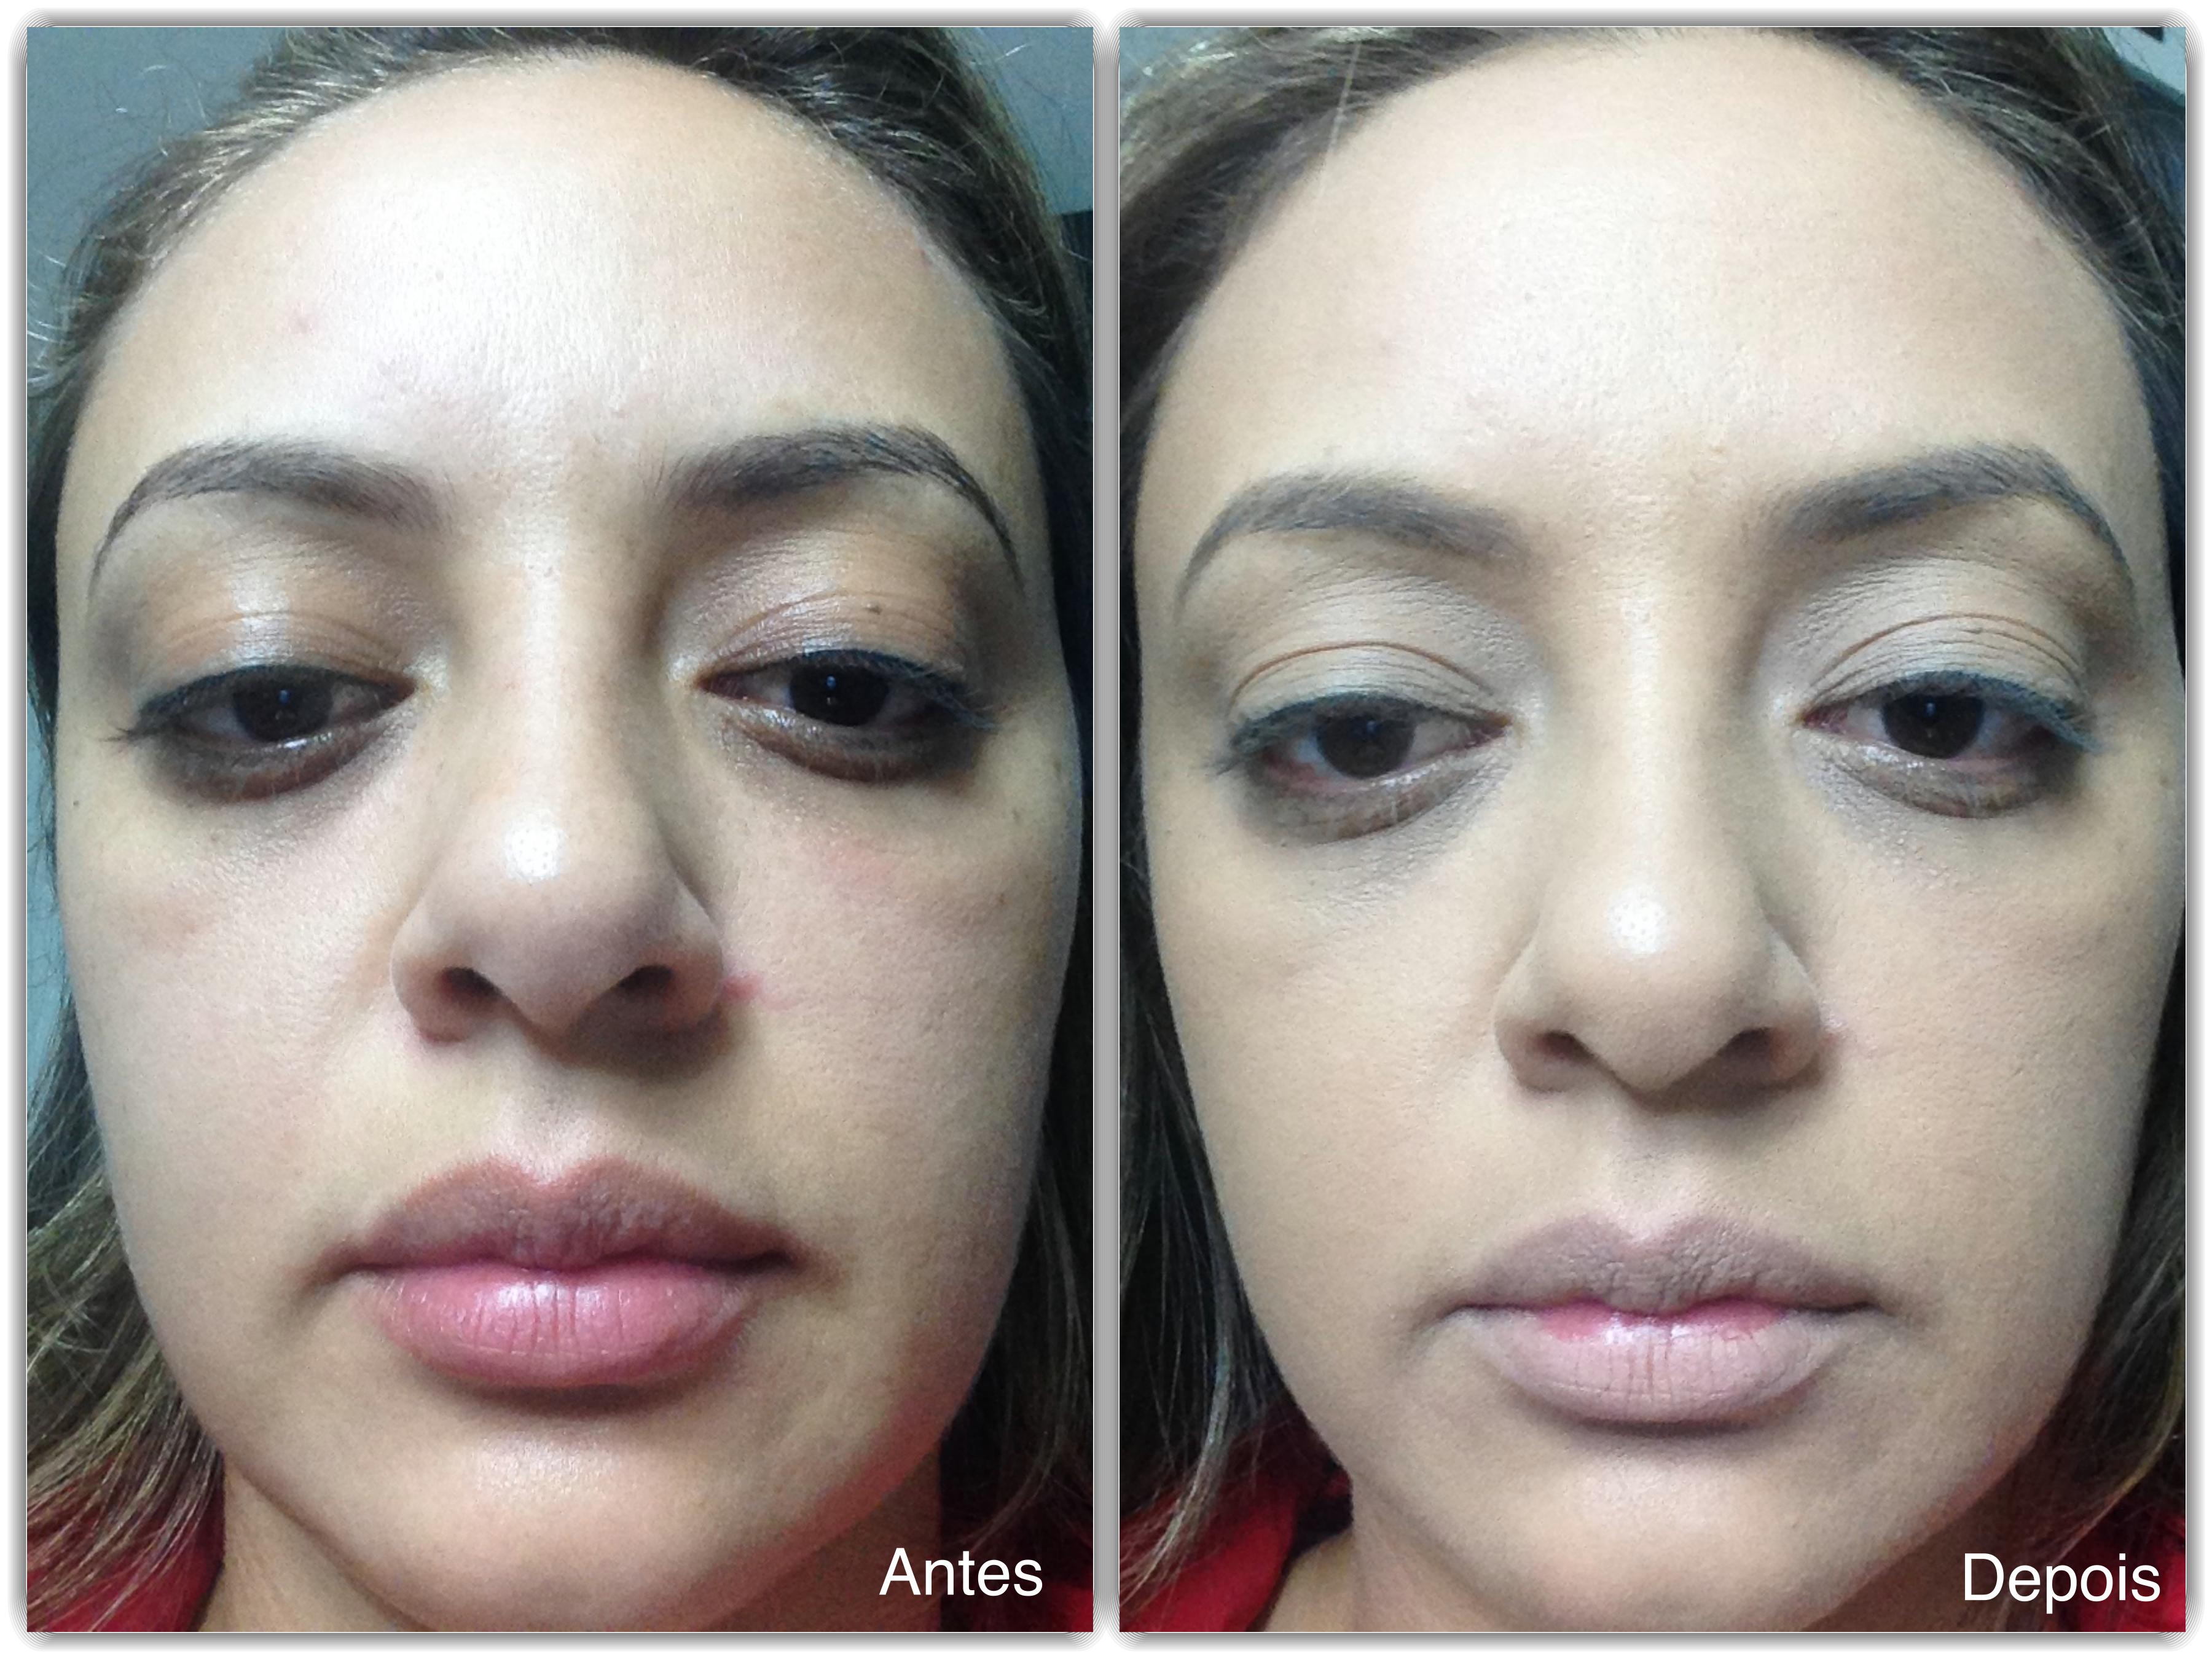 antes e depois_Fotor